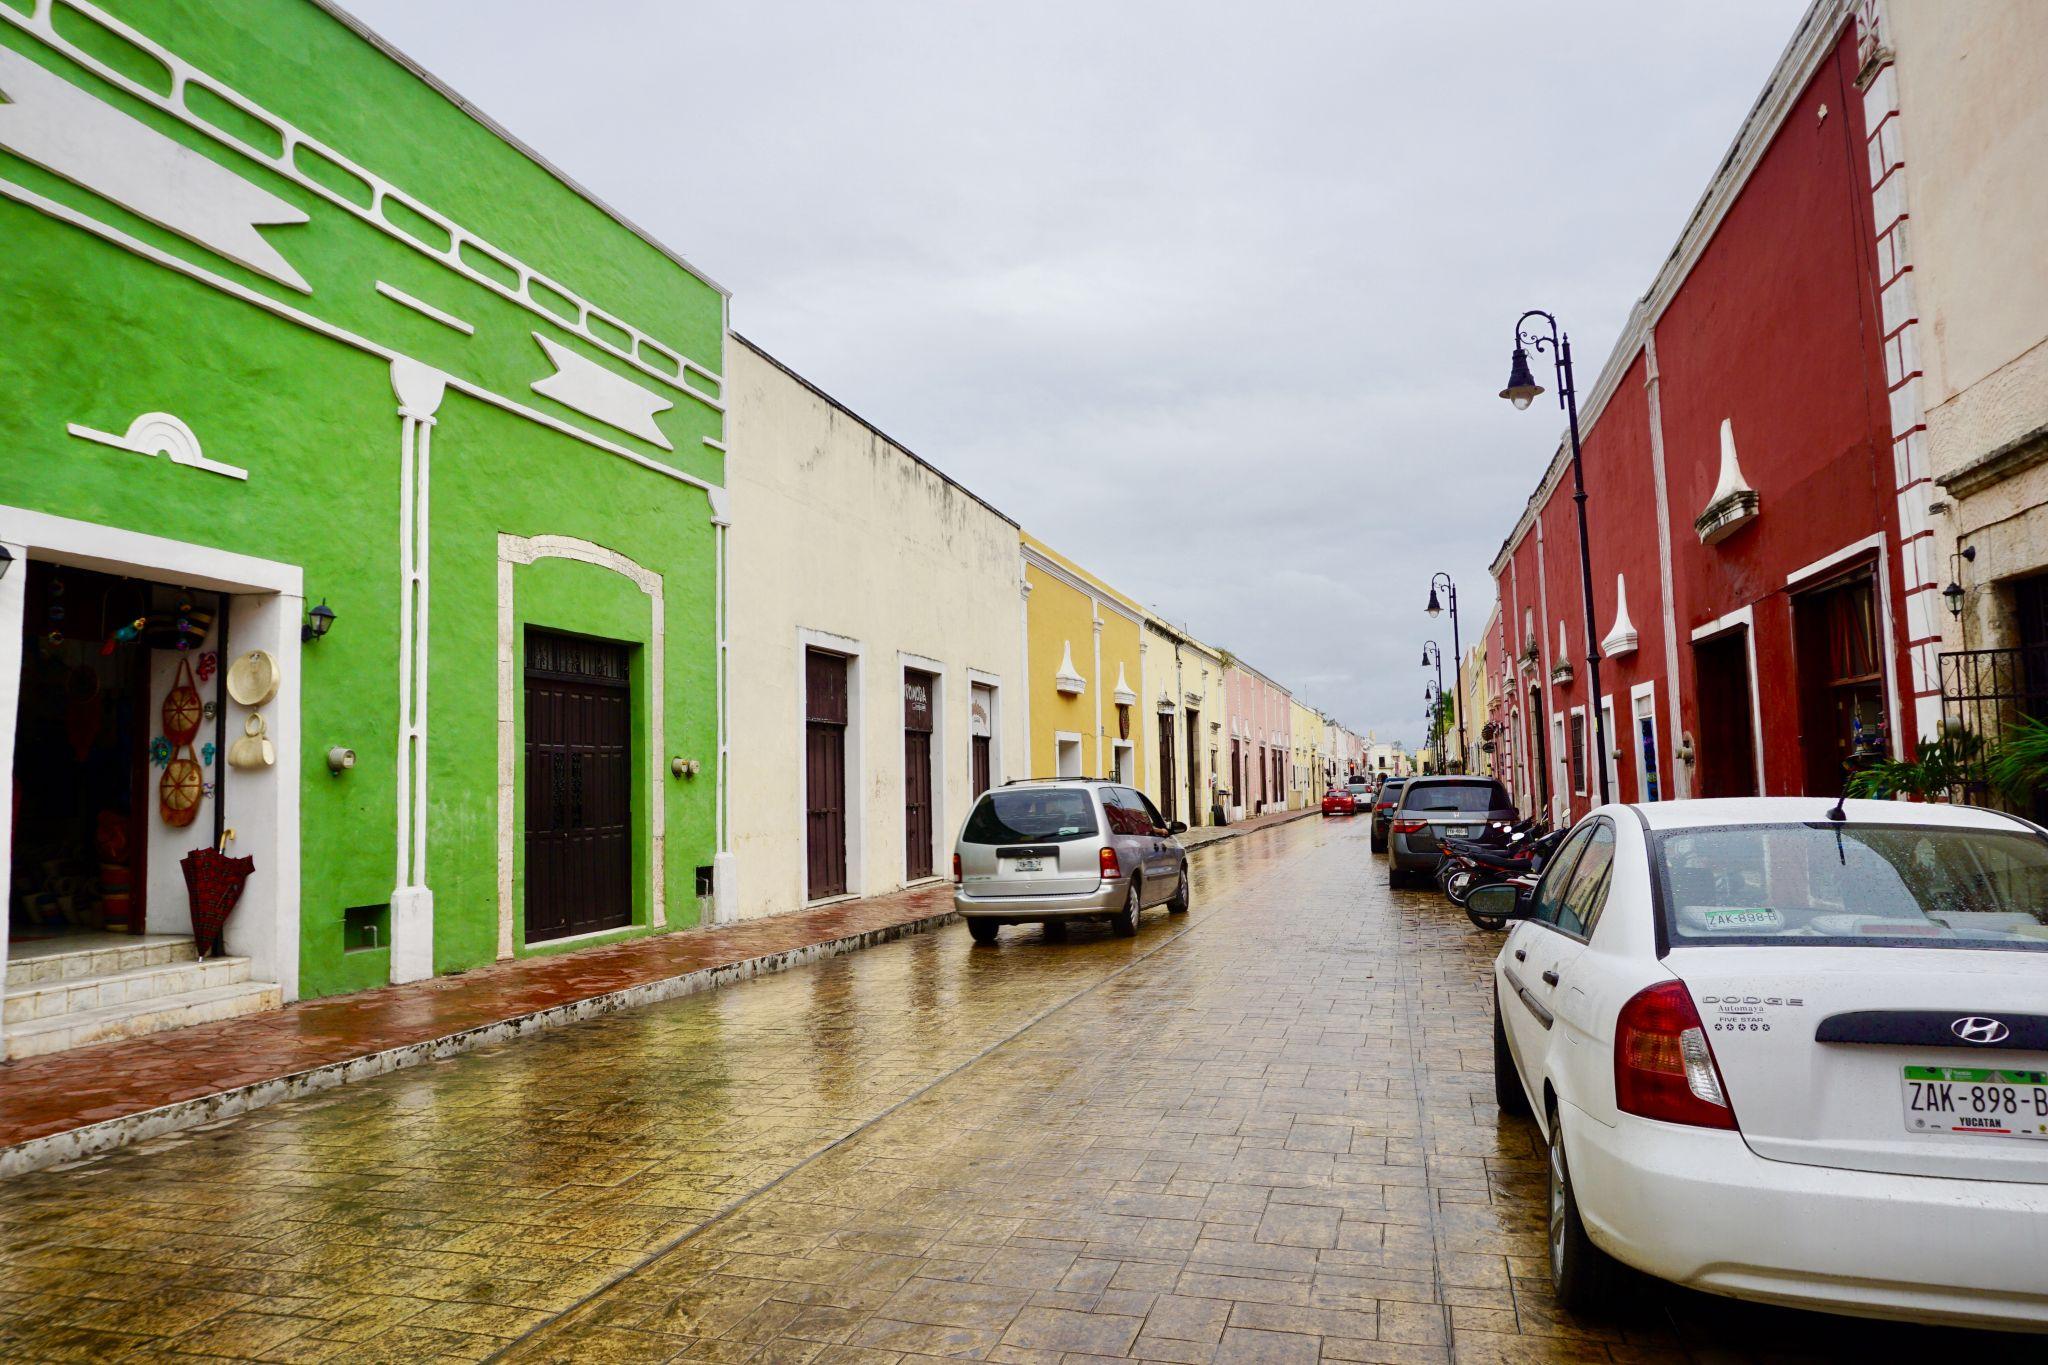 Calzada de los Frailes in Valladolid in Mexico has colourful colonial architecture